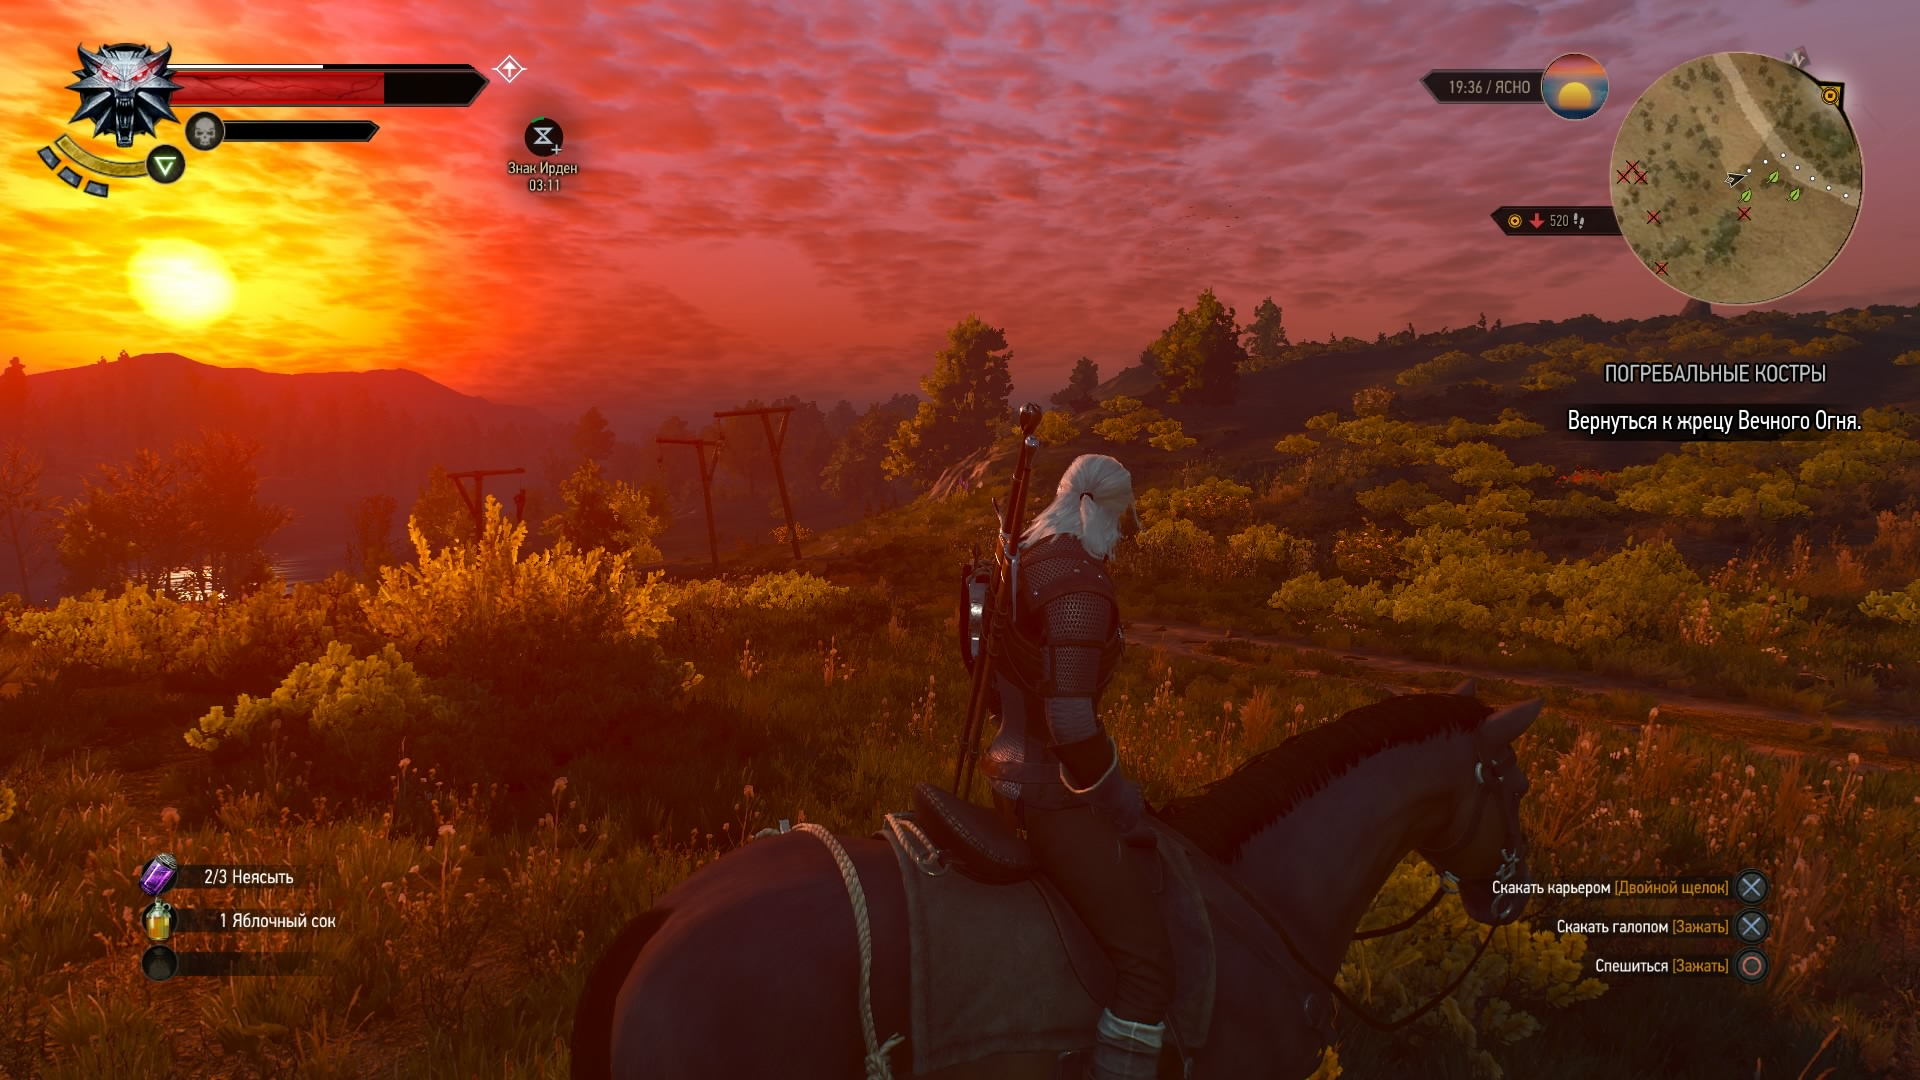 nNnFHvj.jpg - Witcher 3: Wild Hunt, the